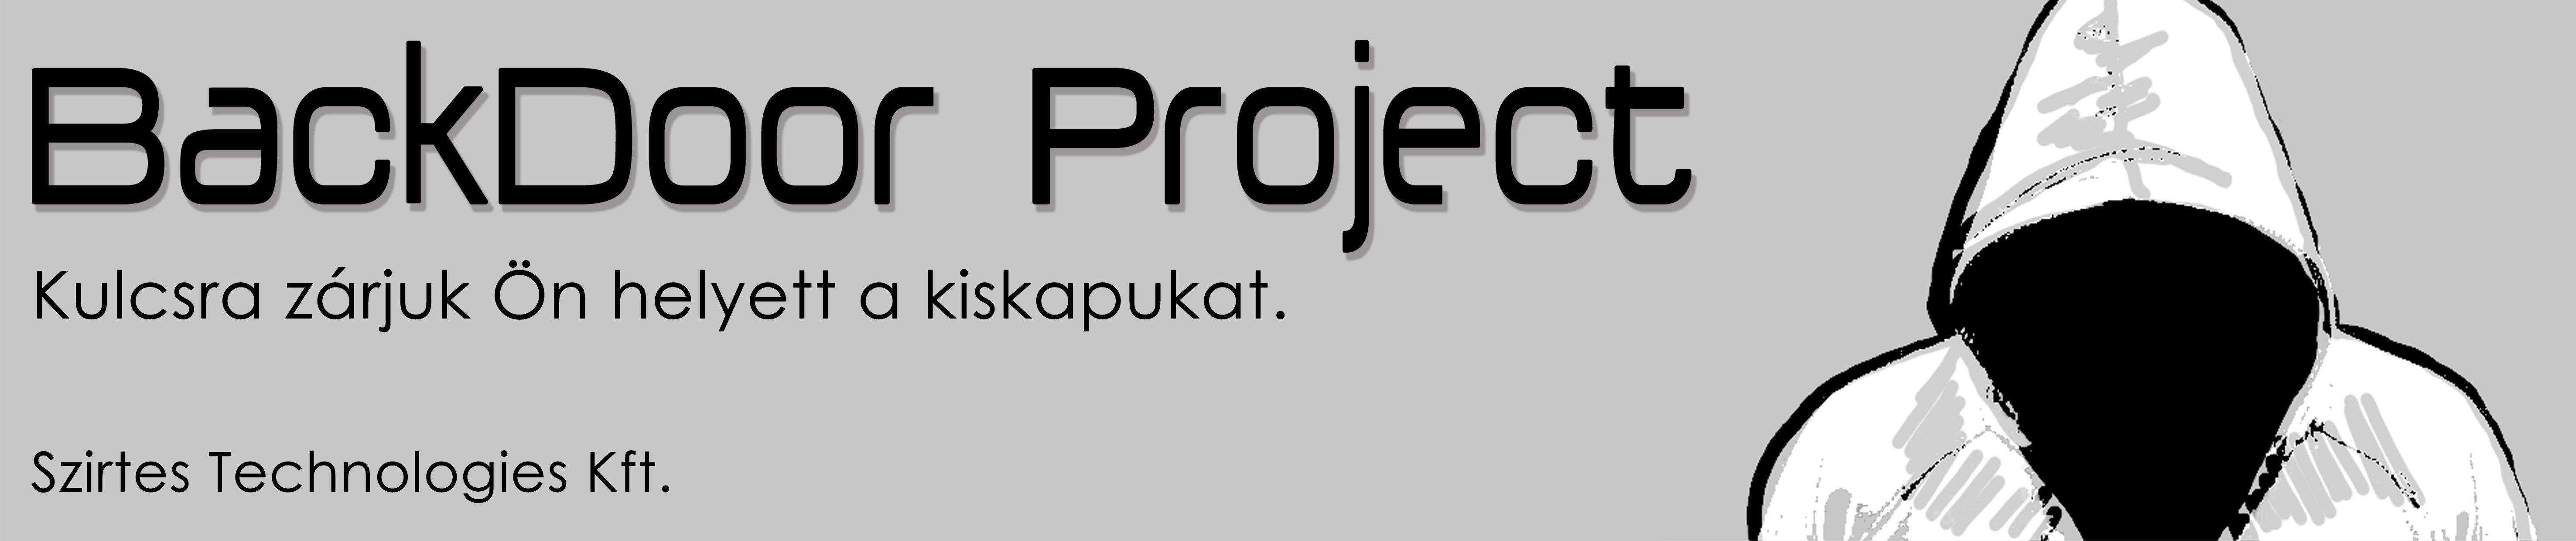 Back Door Project